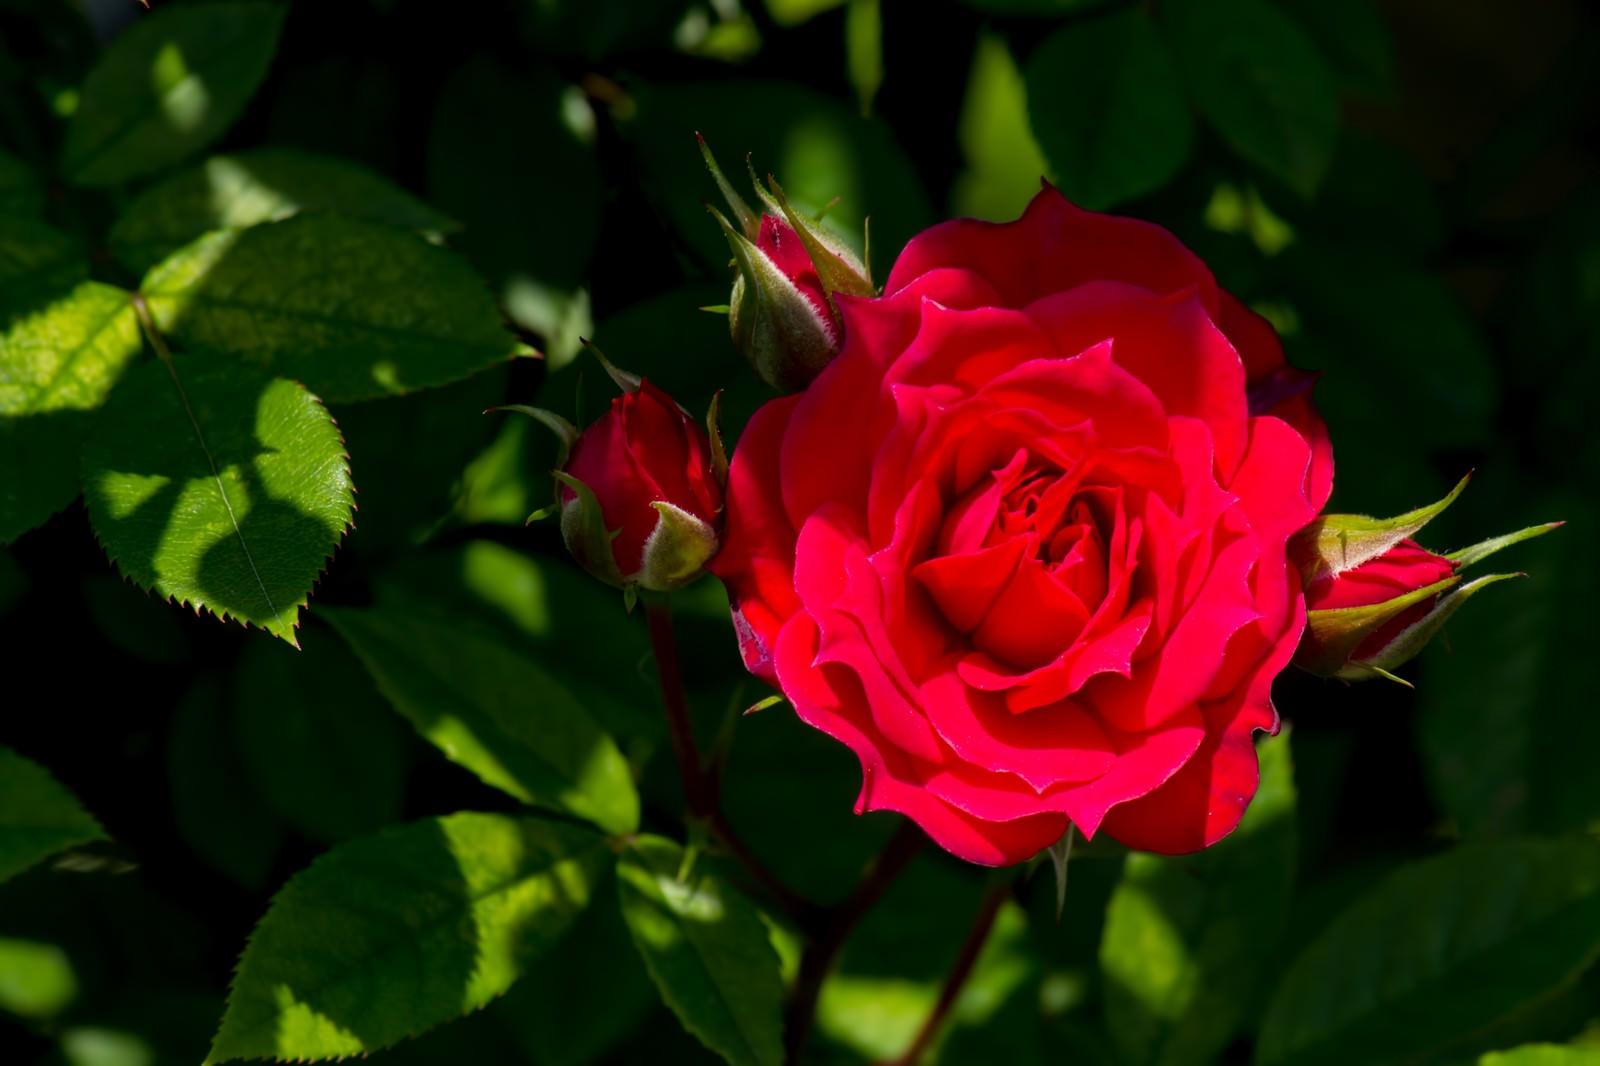 「真紅の赤い薔薇」の写真